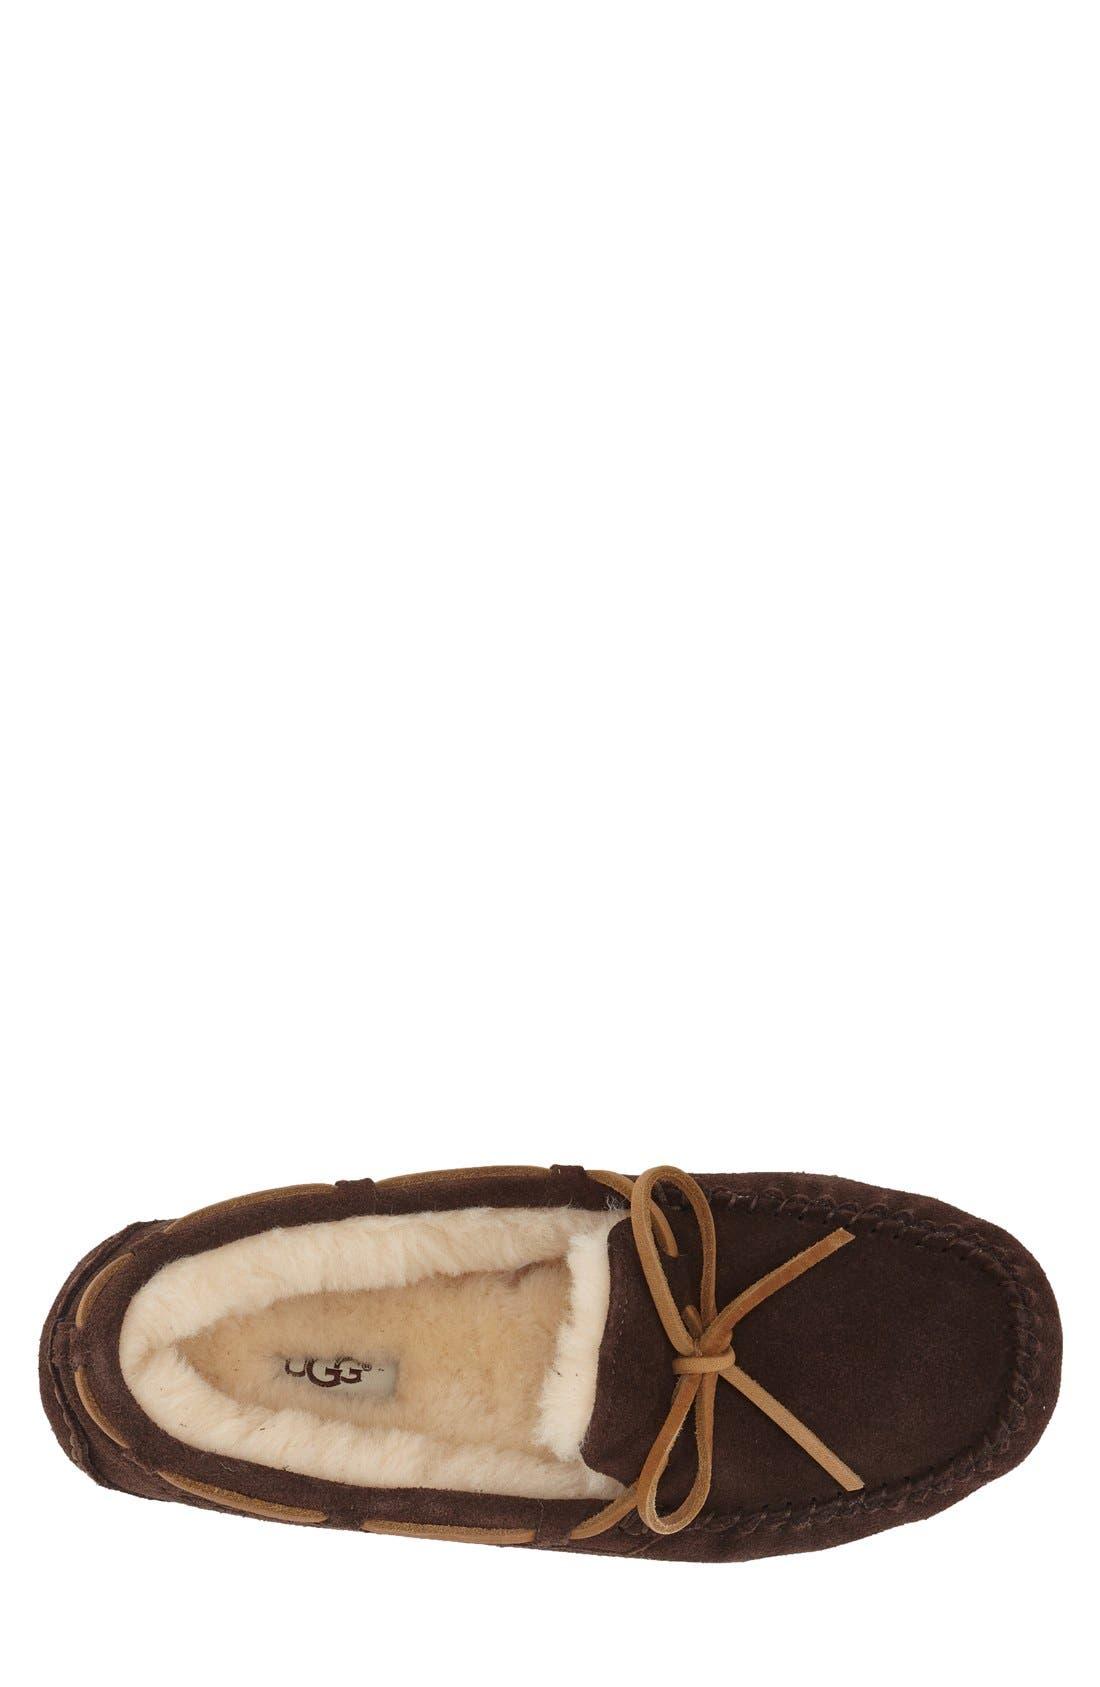 Alternate Image 3  - UGG® 'Olsen' Moccasin Slipper (Men)